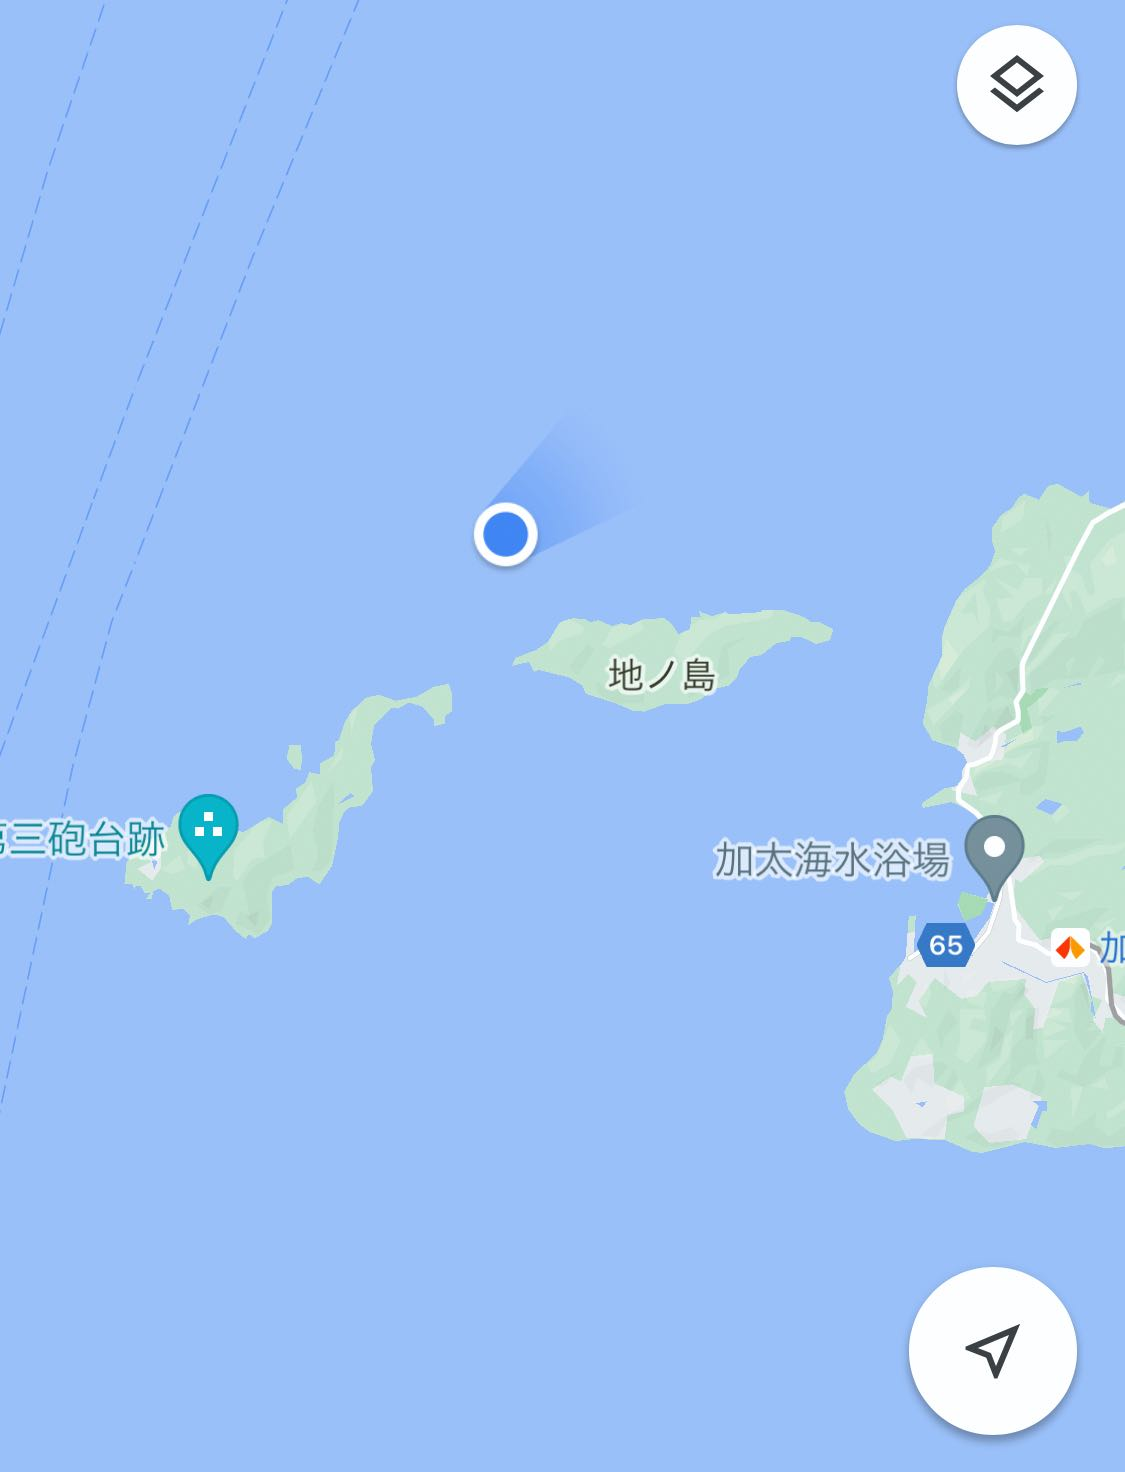 タイラバ ポイント 大阪 和歌山